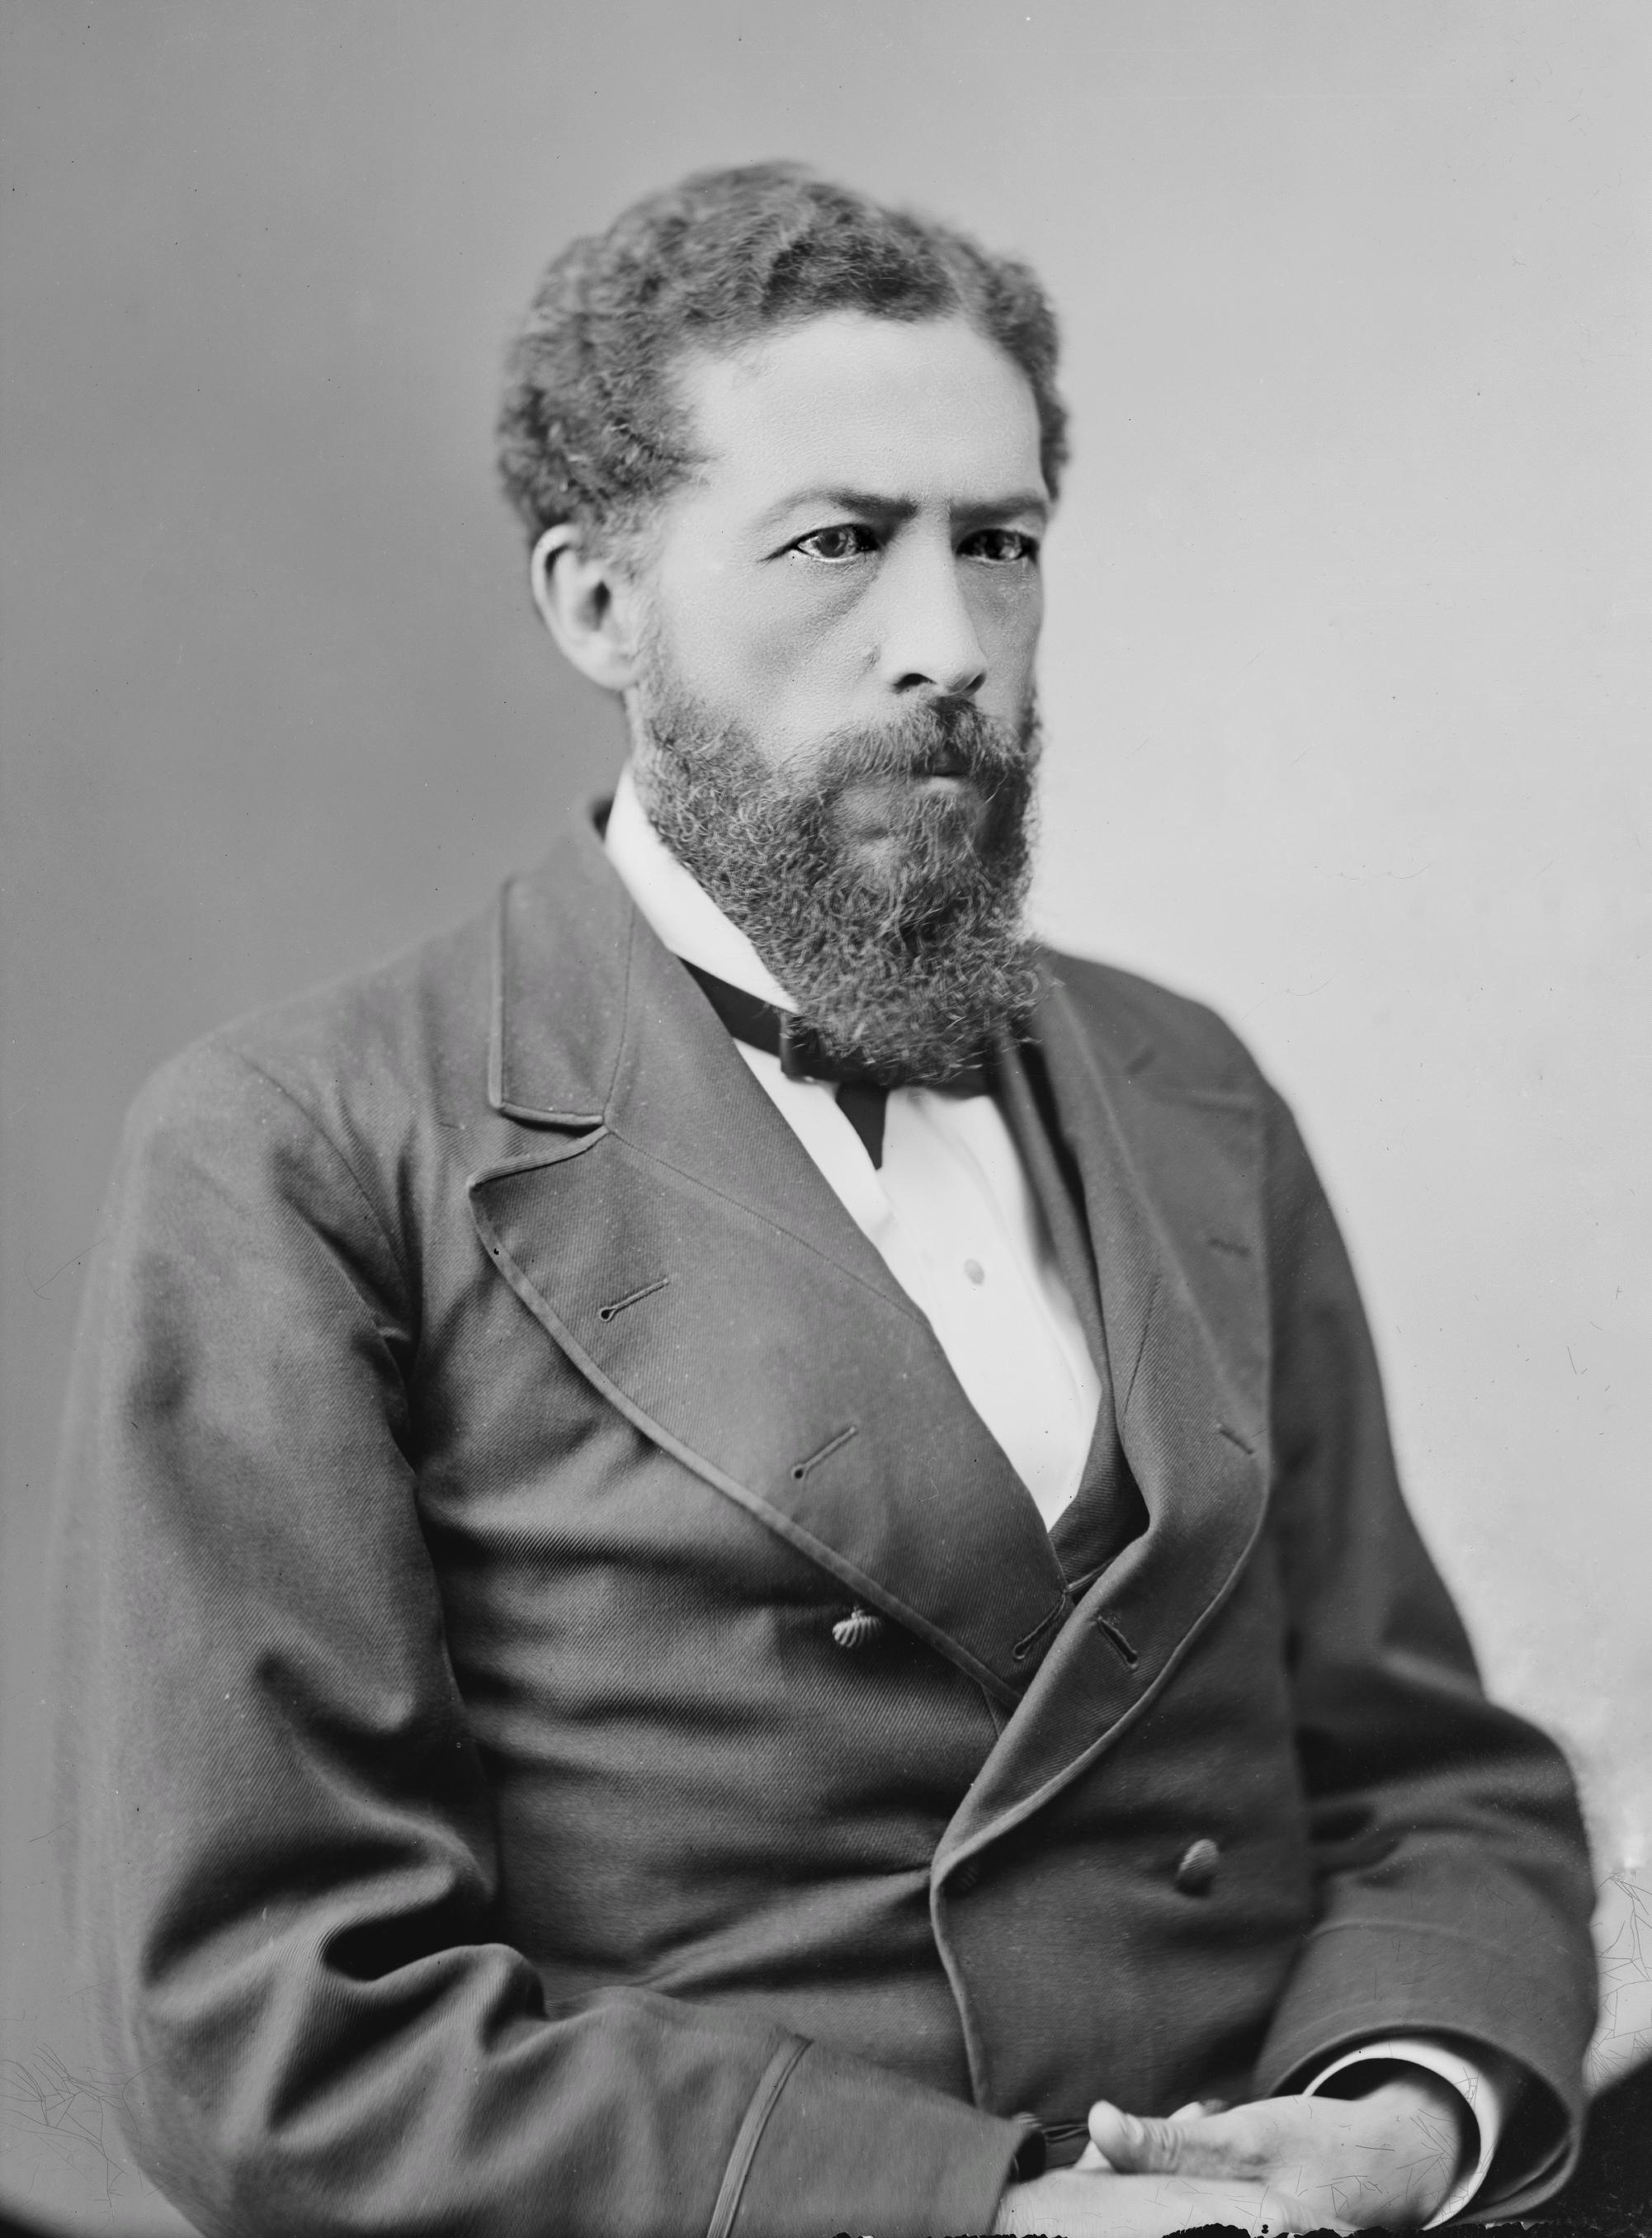 John Mercer Langston - 1829-1897